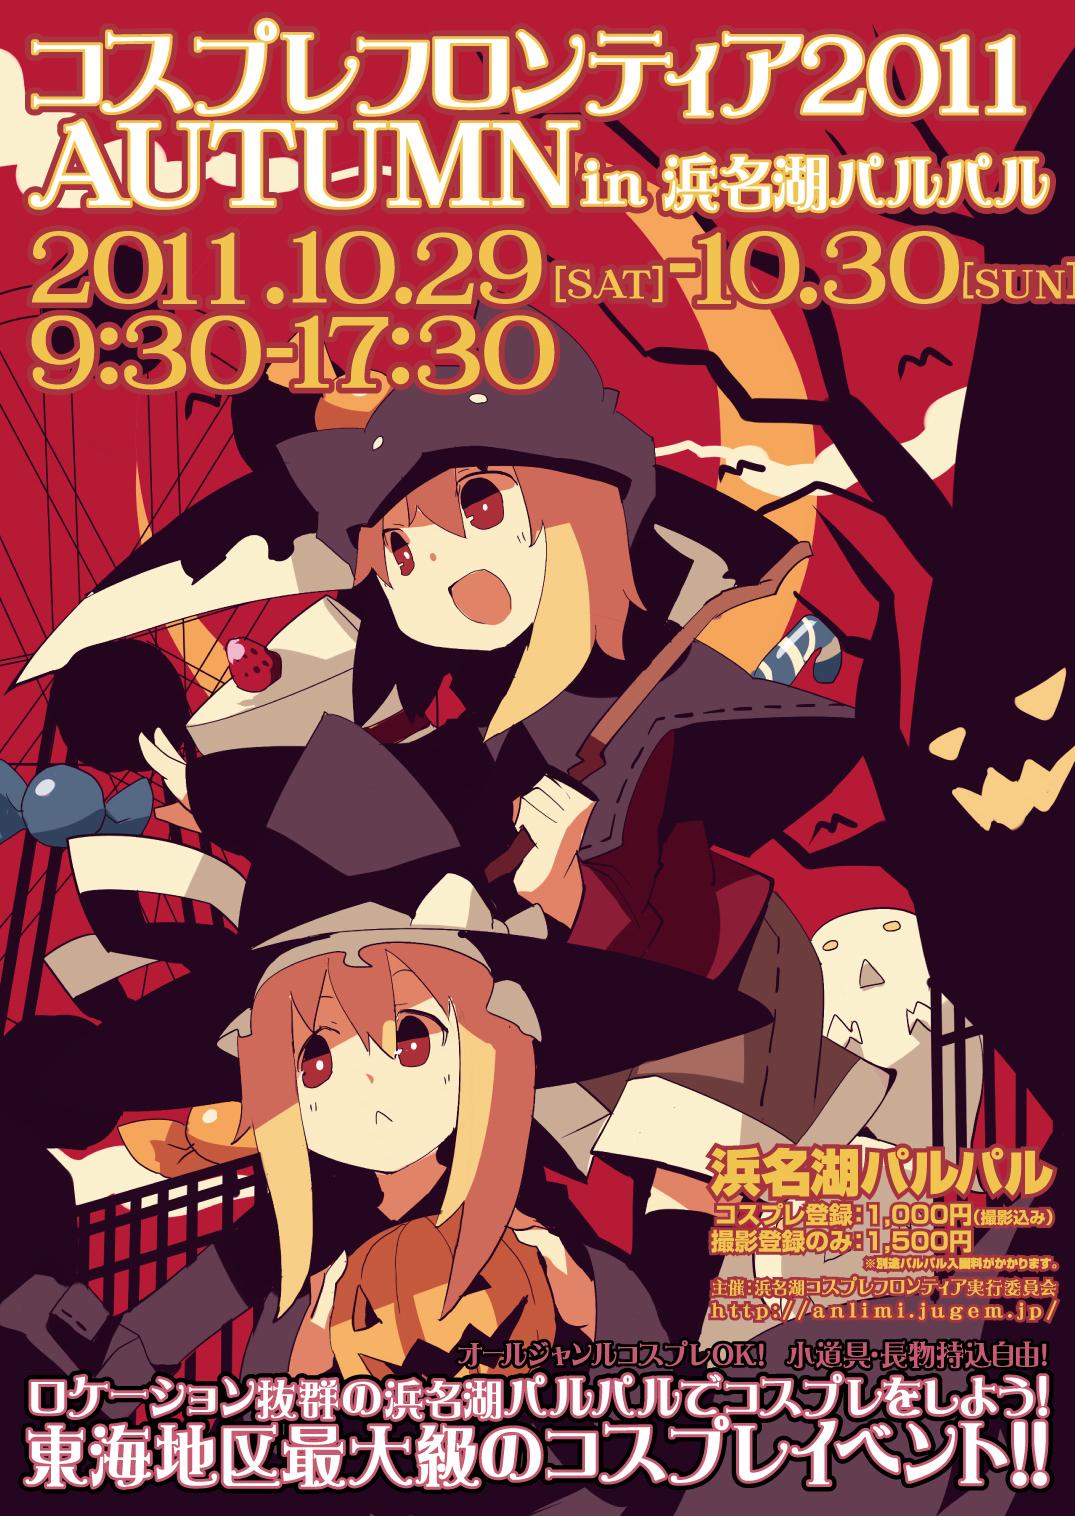 [10/29&30]コスプレフロンテイア2011 Autumn